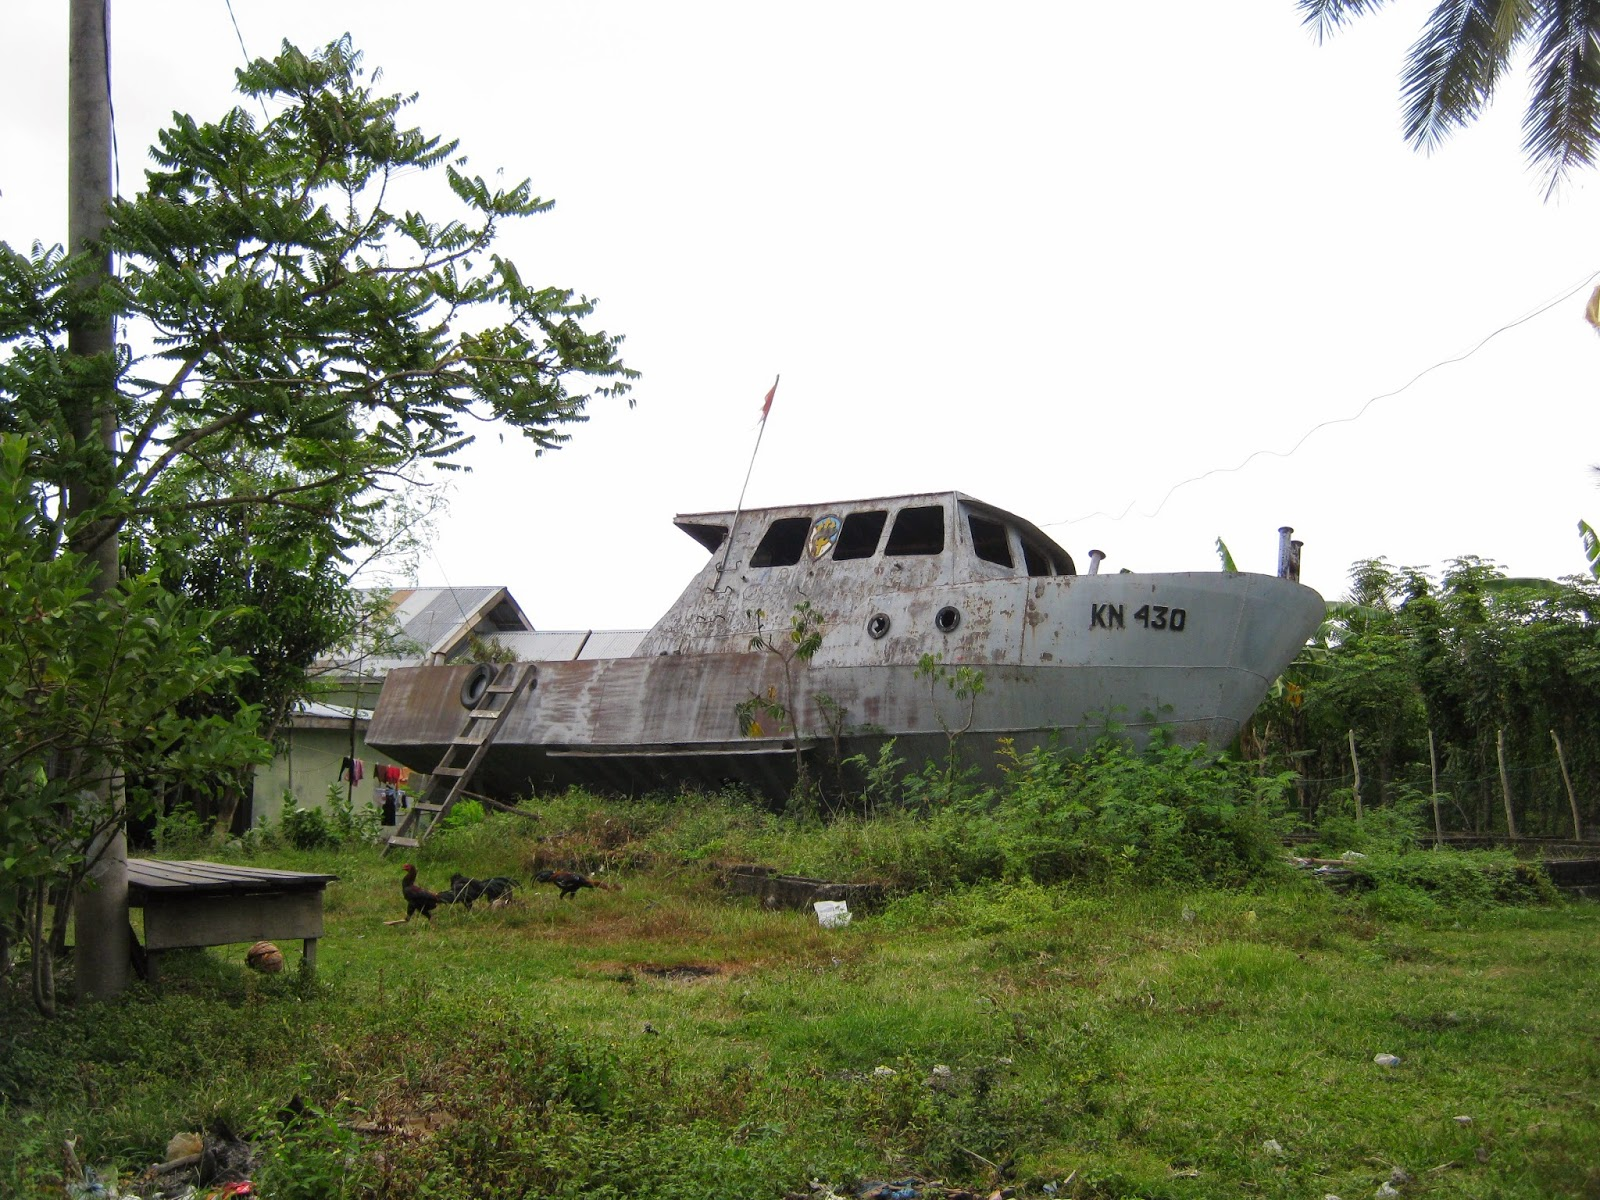 Mencari Situs Kapal Tsunami Terpendam Banda Aceh Menjadikannya Lainnya Kota